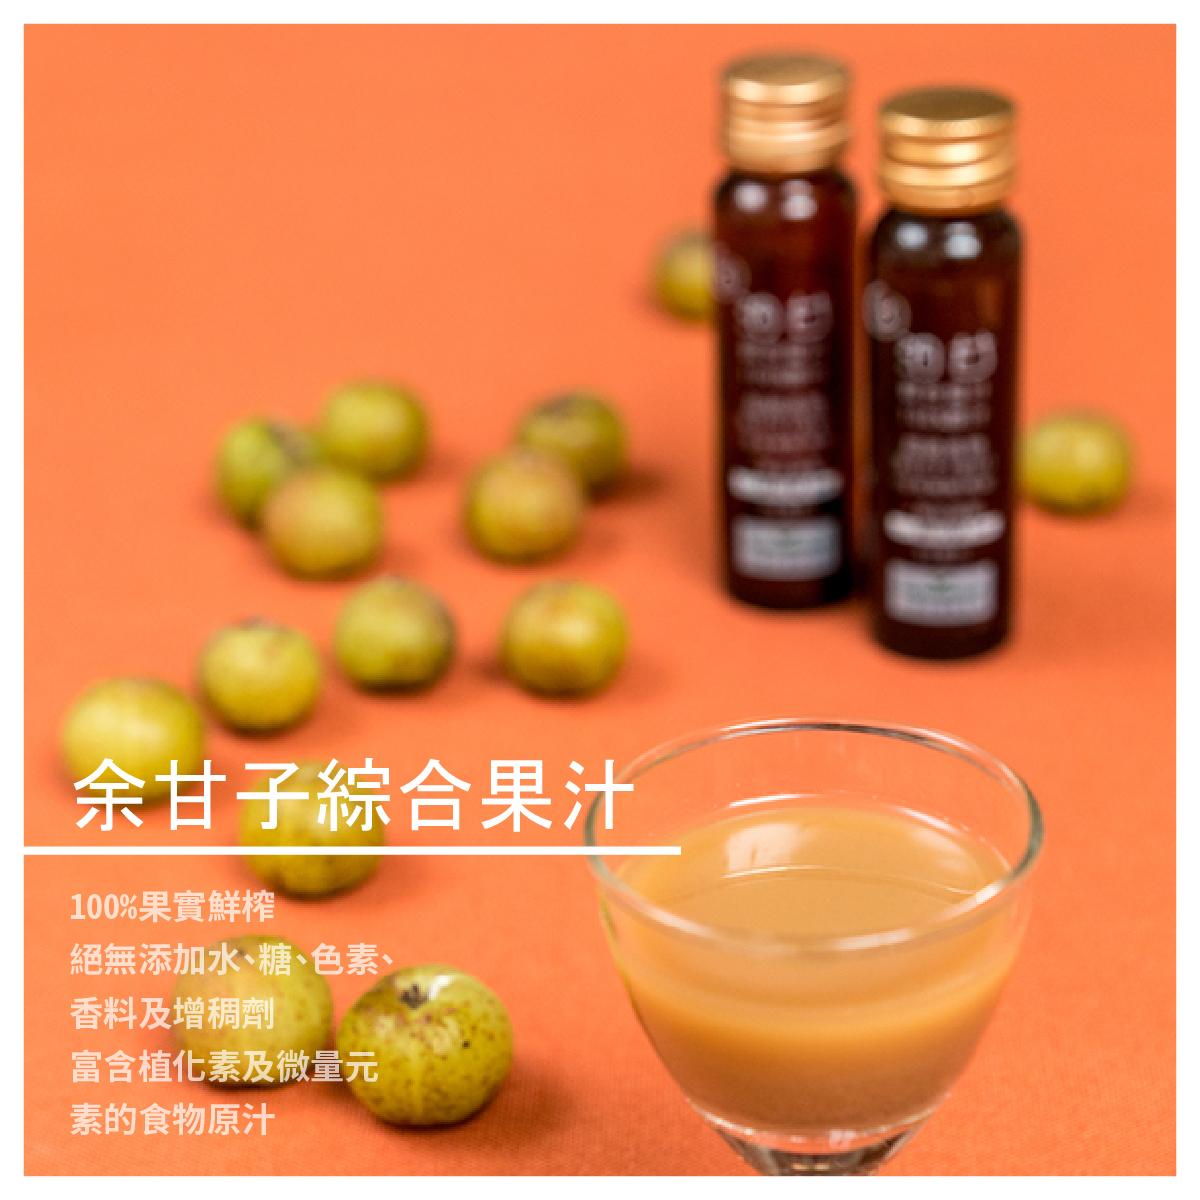 【一畝田健康生技】 余甘子綜合果汁 / 8入